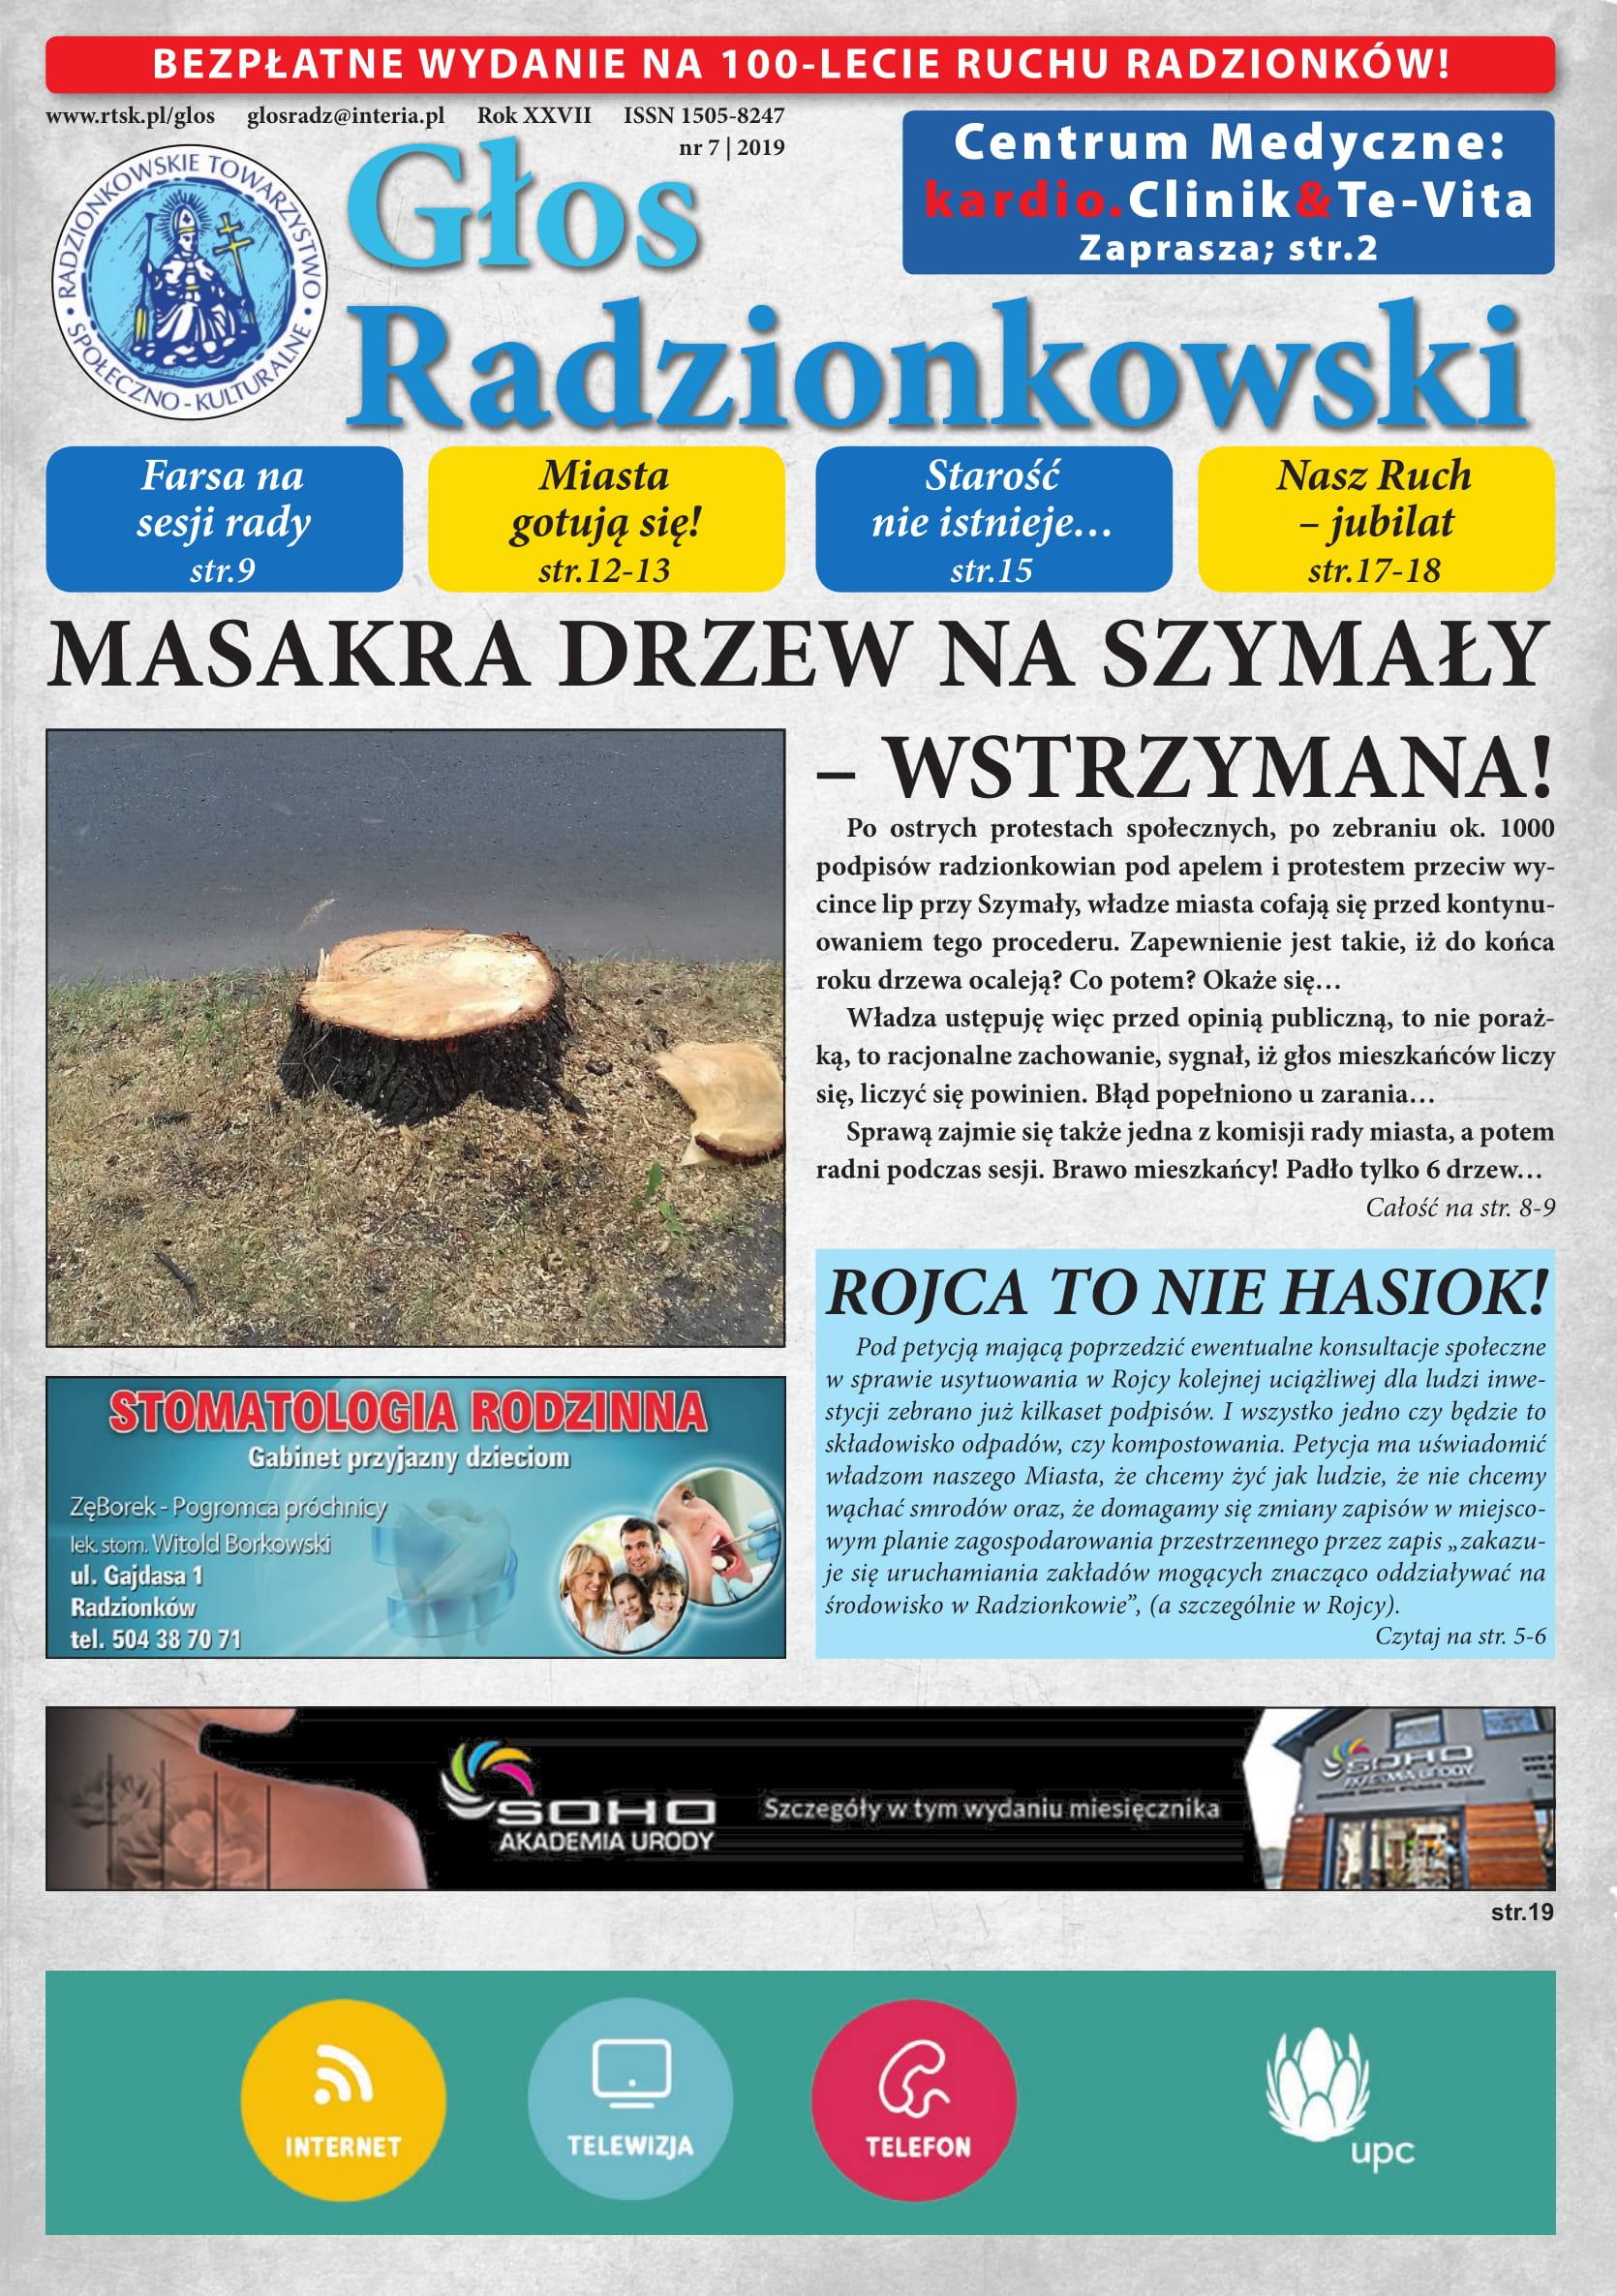 Głos Radzionkowski nr 07/2019